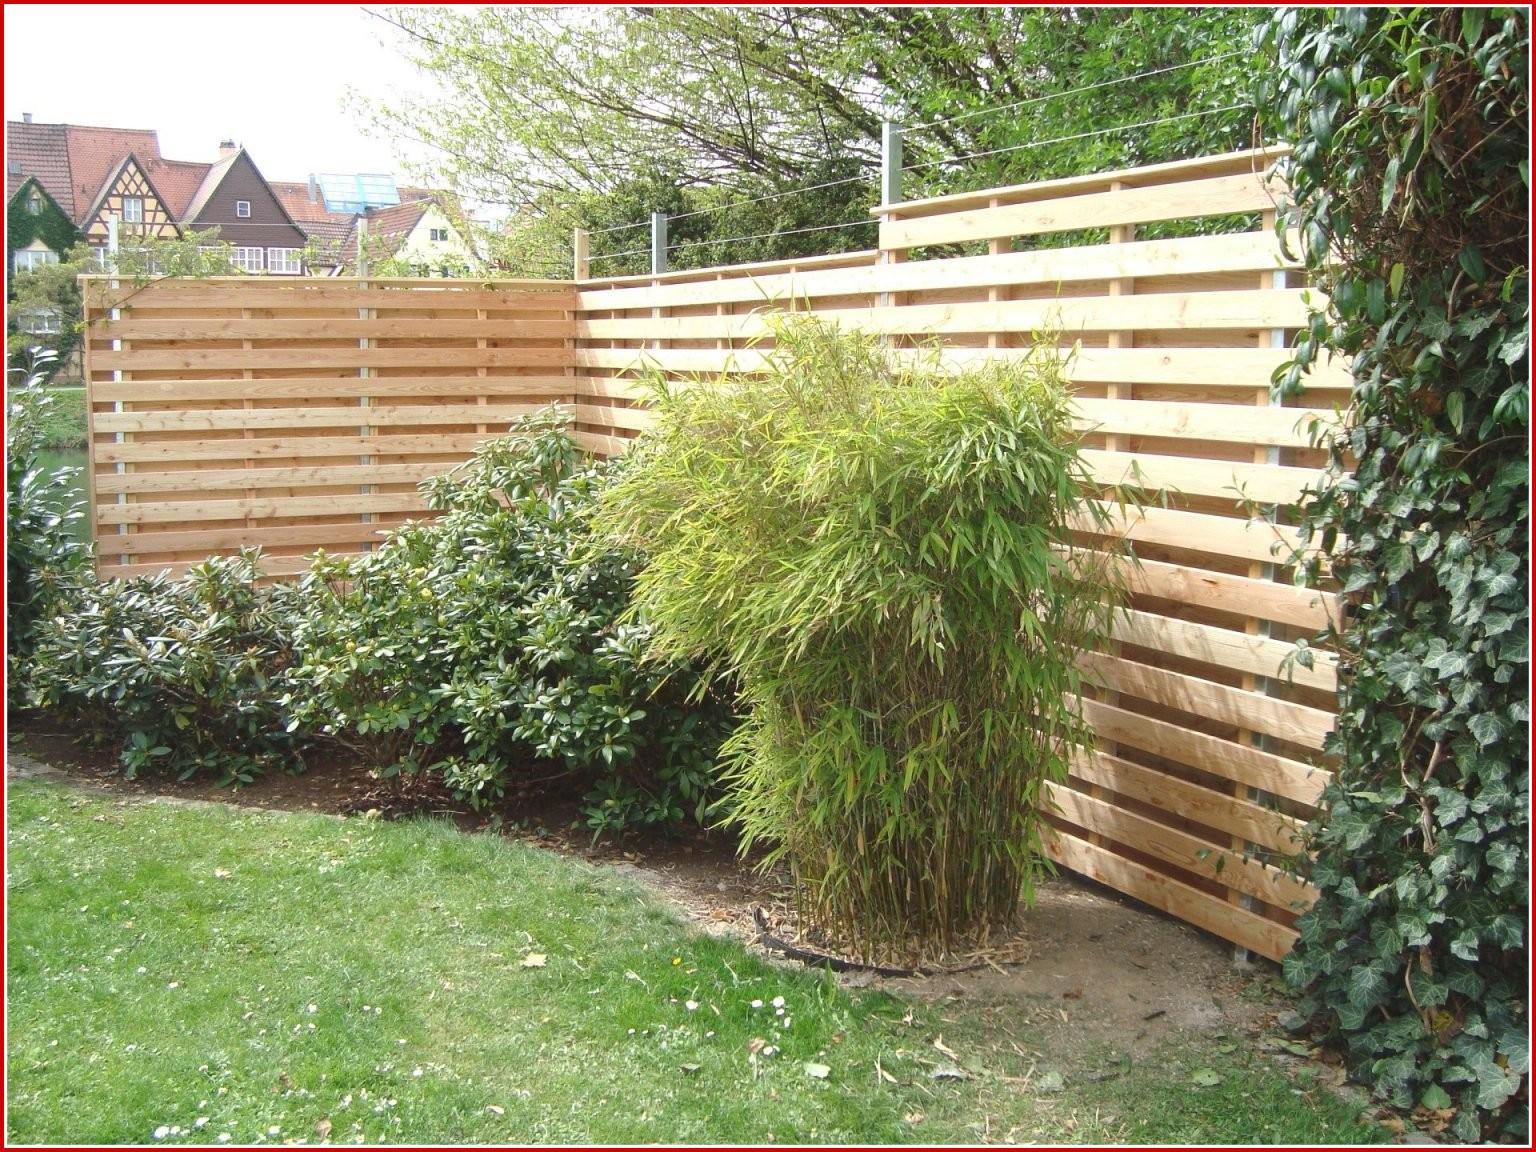 Zaun Selber Bauen Simple Gartenzaun Selber Bauen Aus Metall With von Gartenzaun Selber Bauen Metall Bild